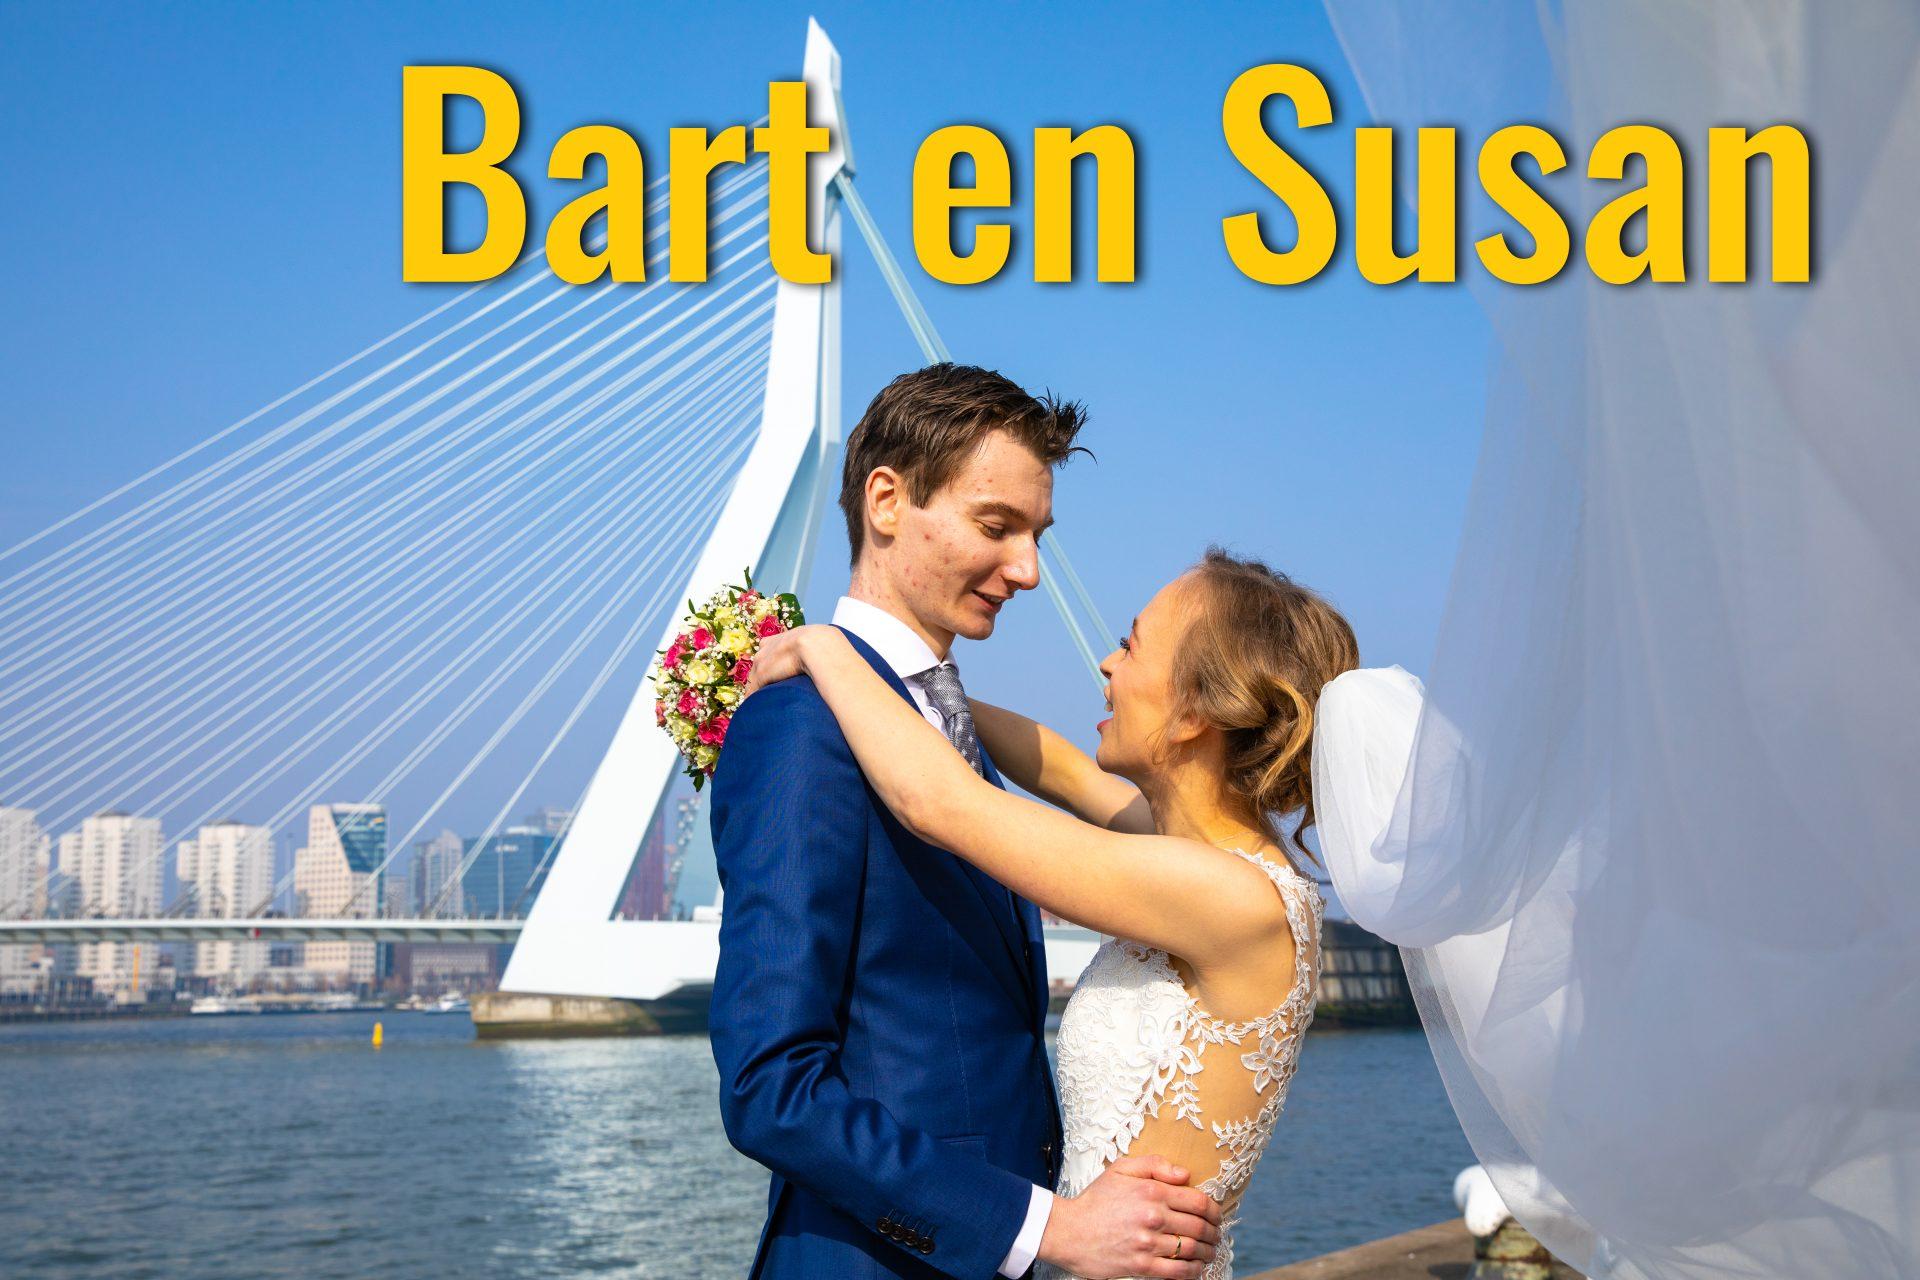 Beschermd: Bart en Susan